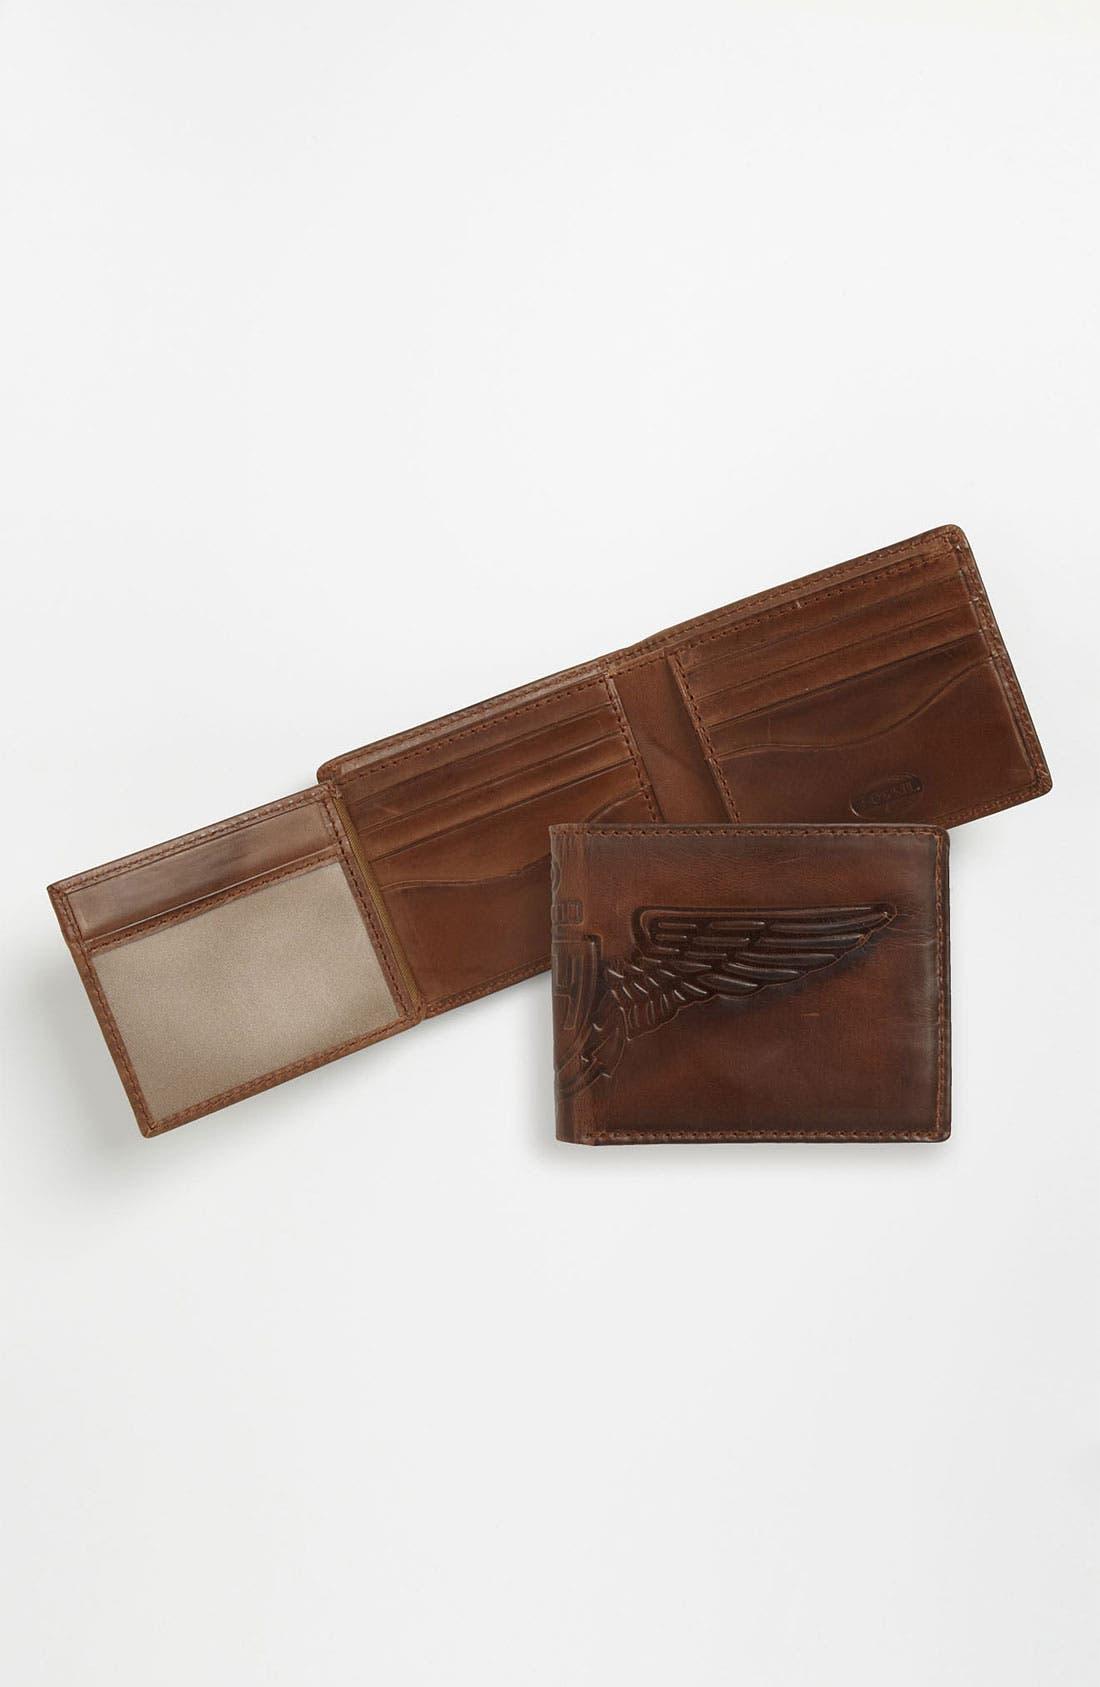 Main Image - Fossil 'Flatiron Traveler' Wallet